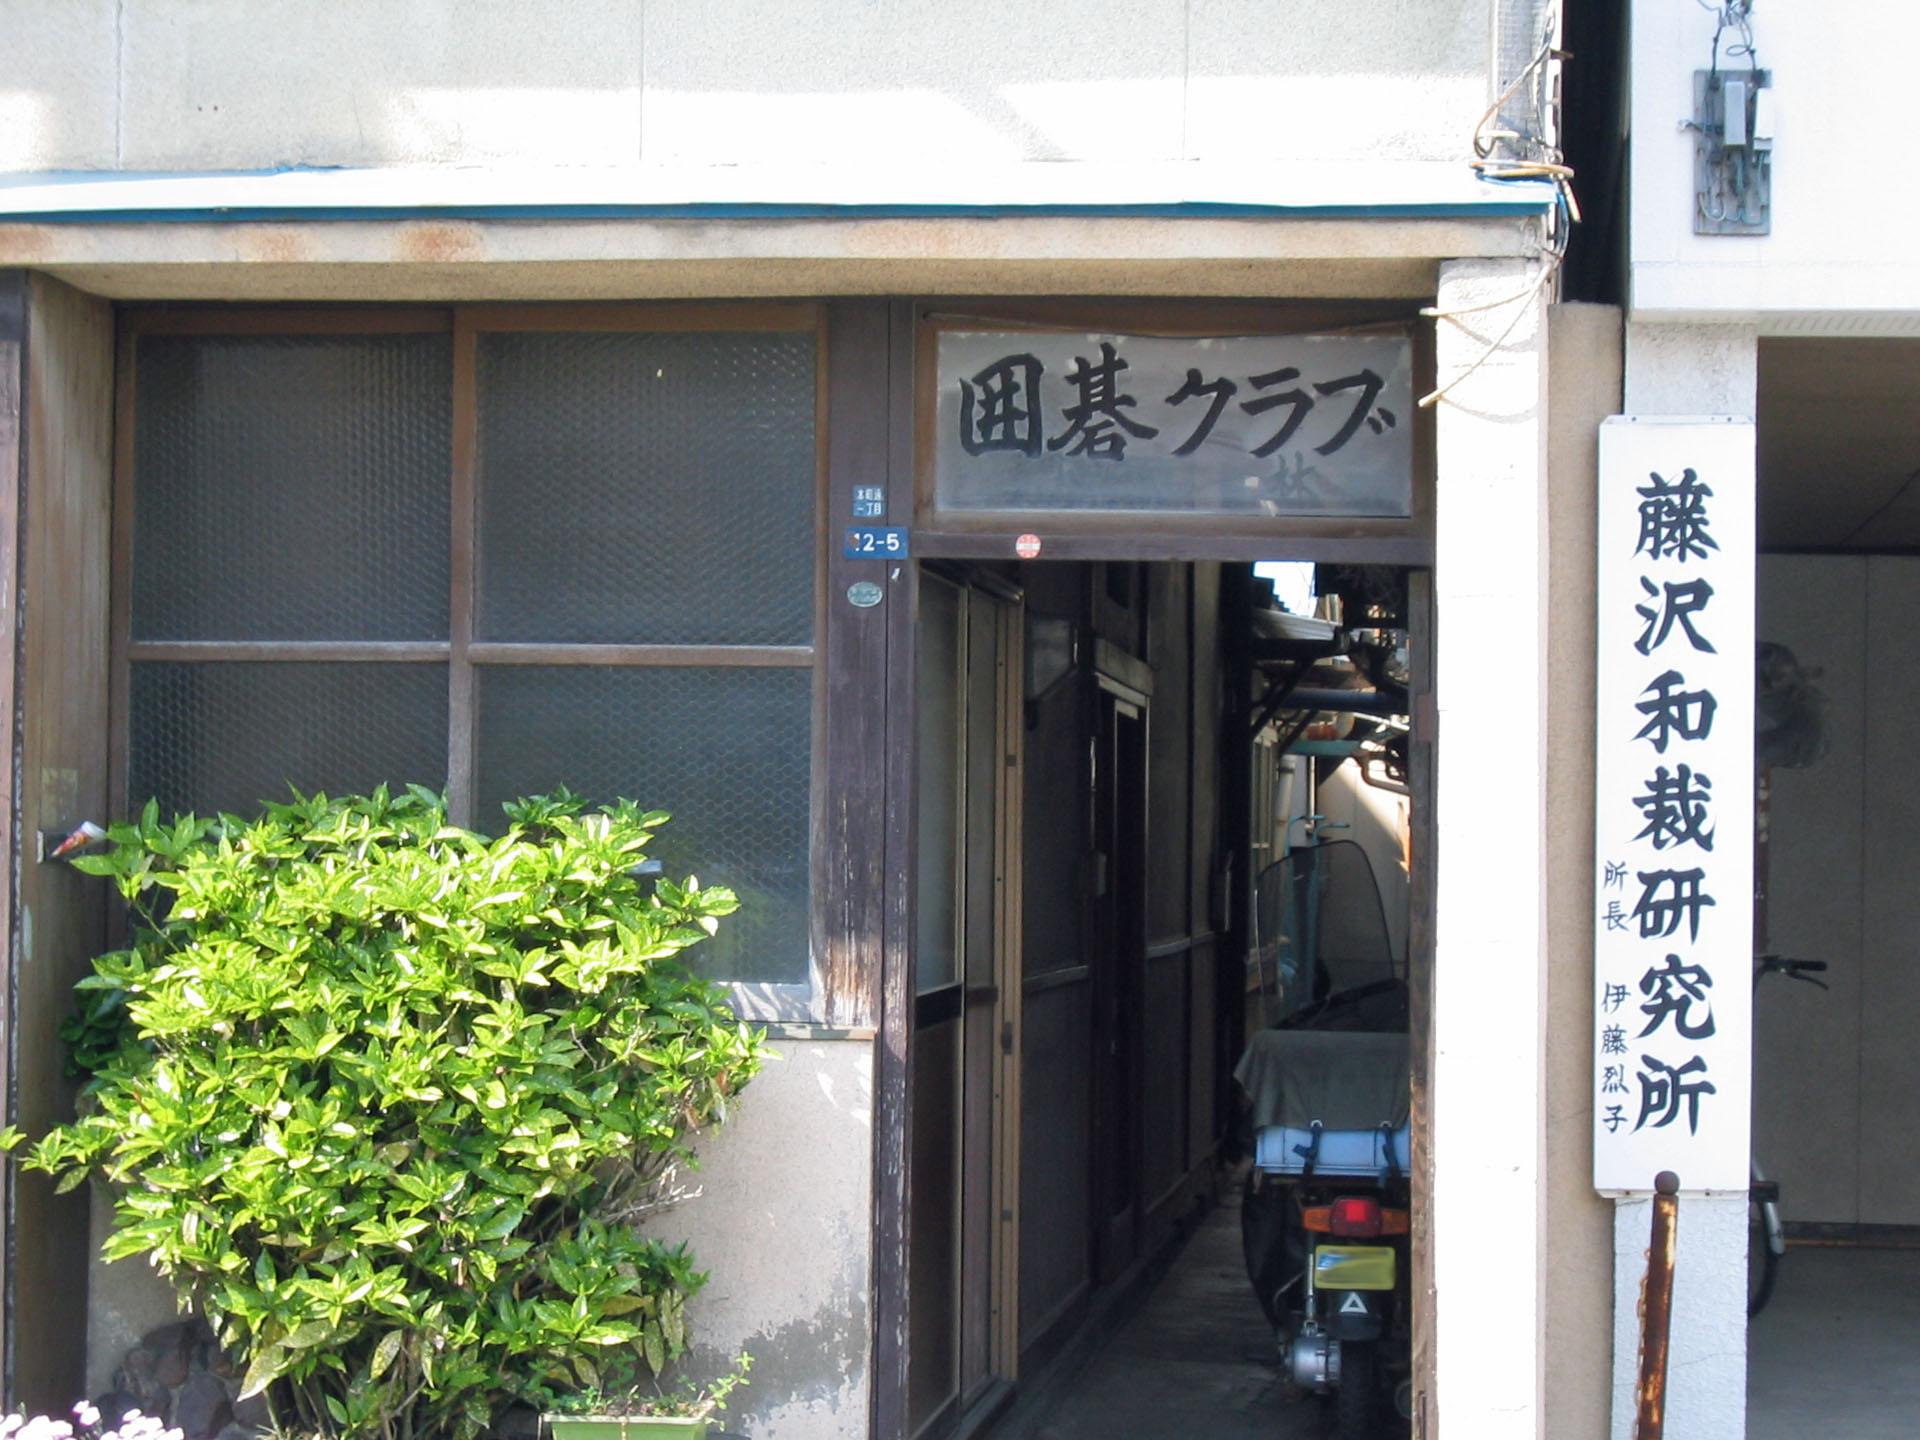 囲碁クラブ